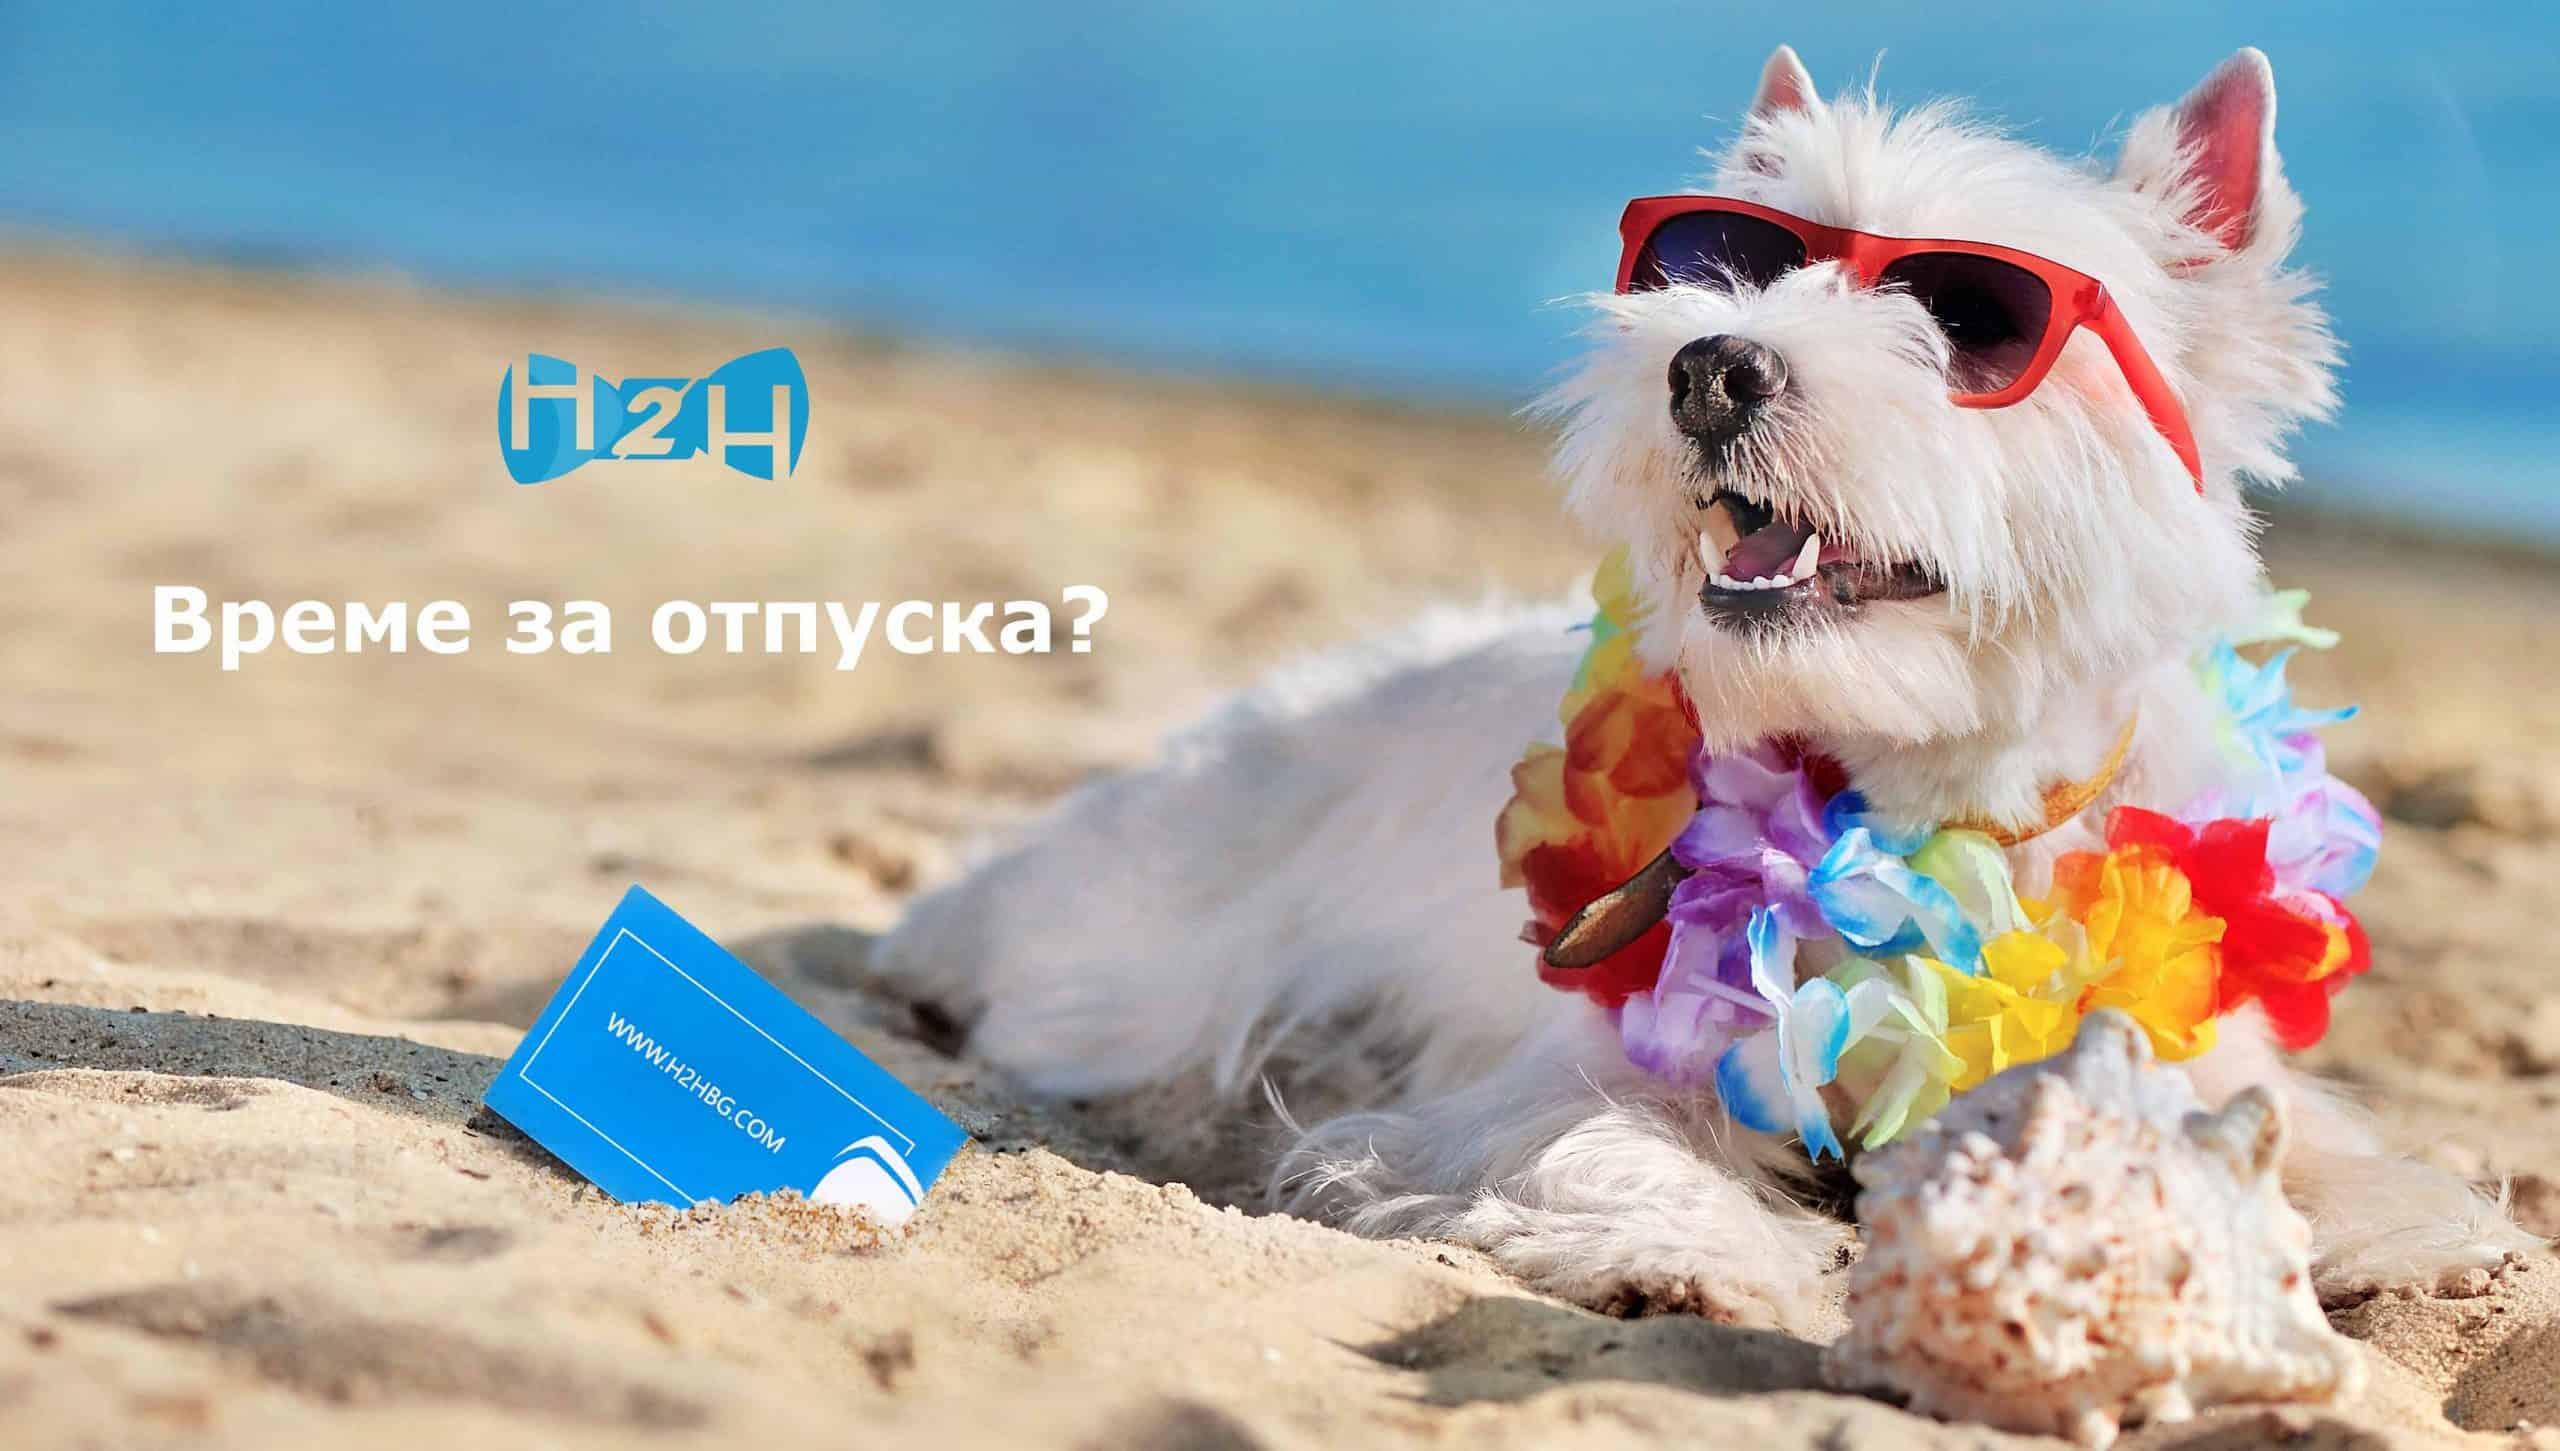 Време за отпуска?